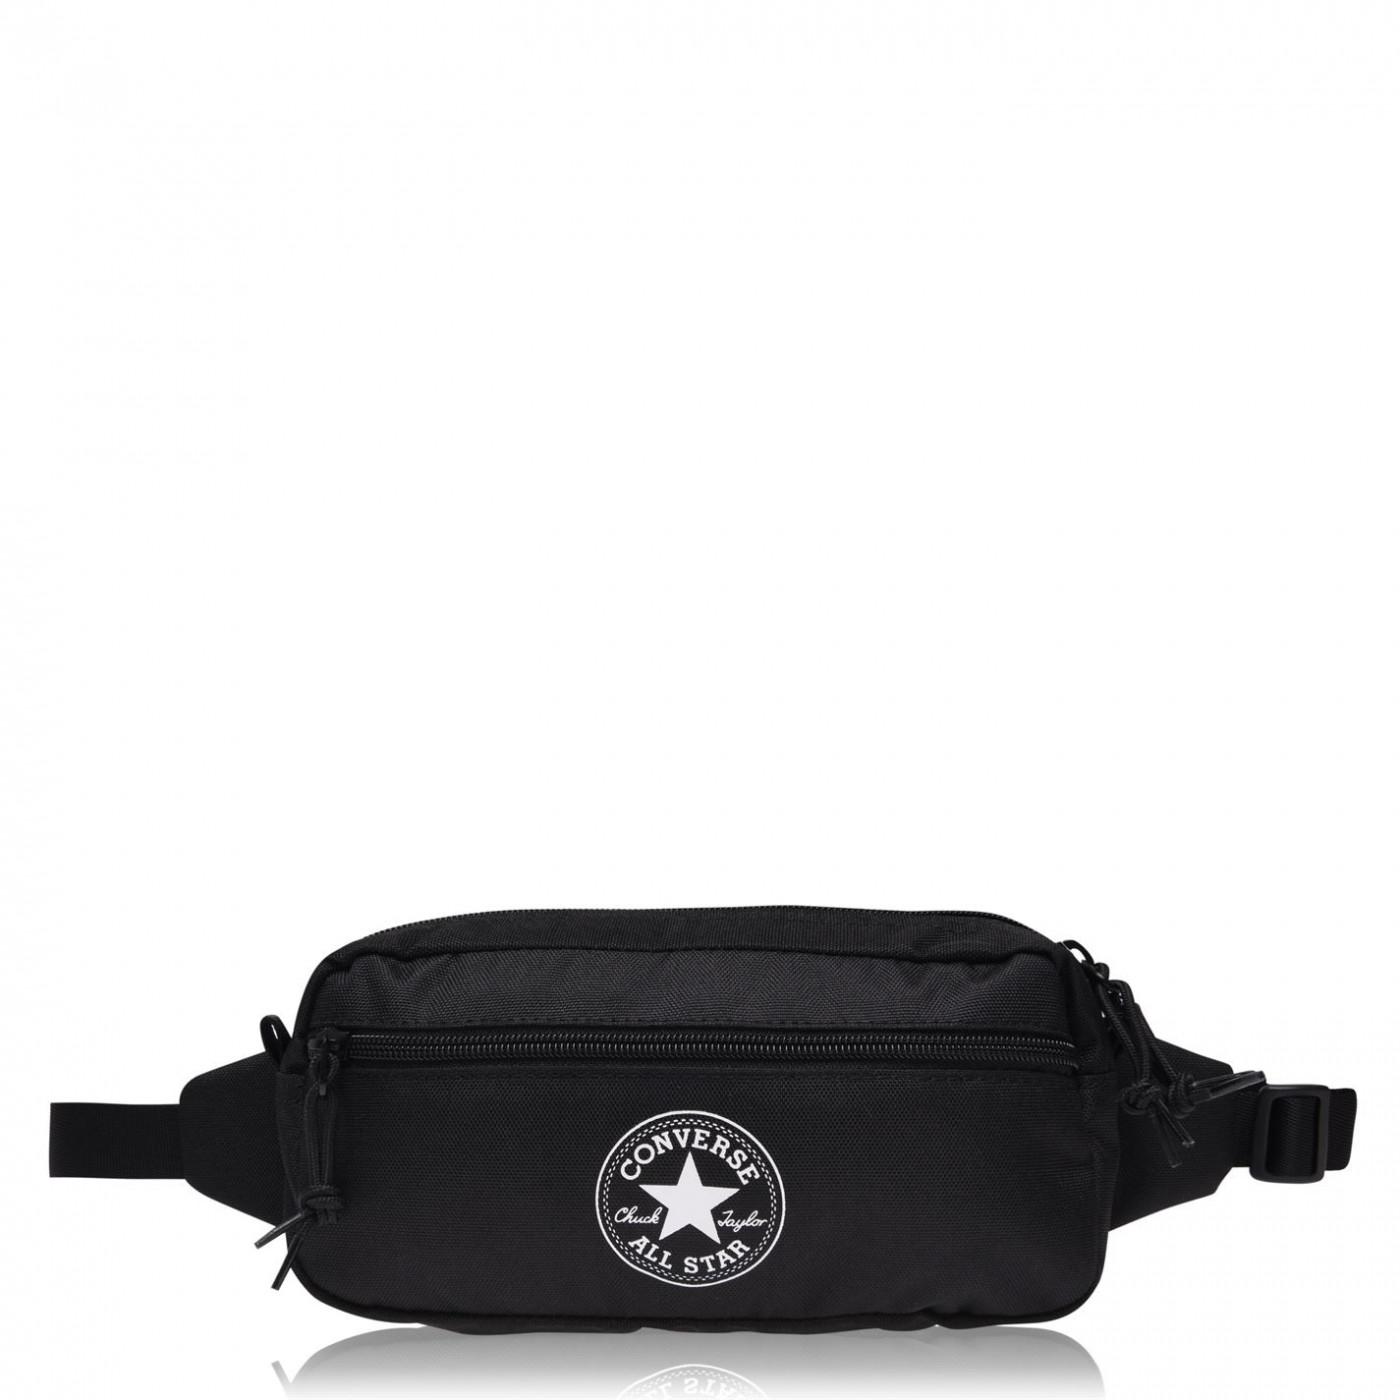 Converse Urban Waistbag00